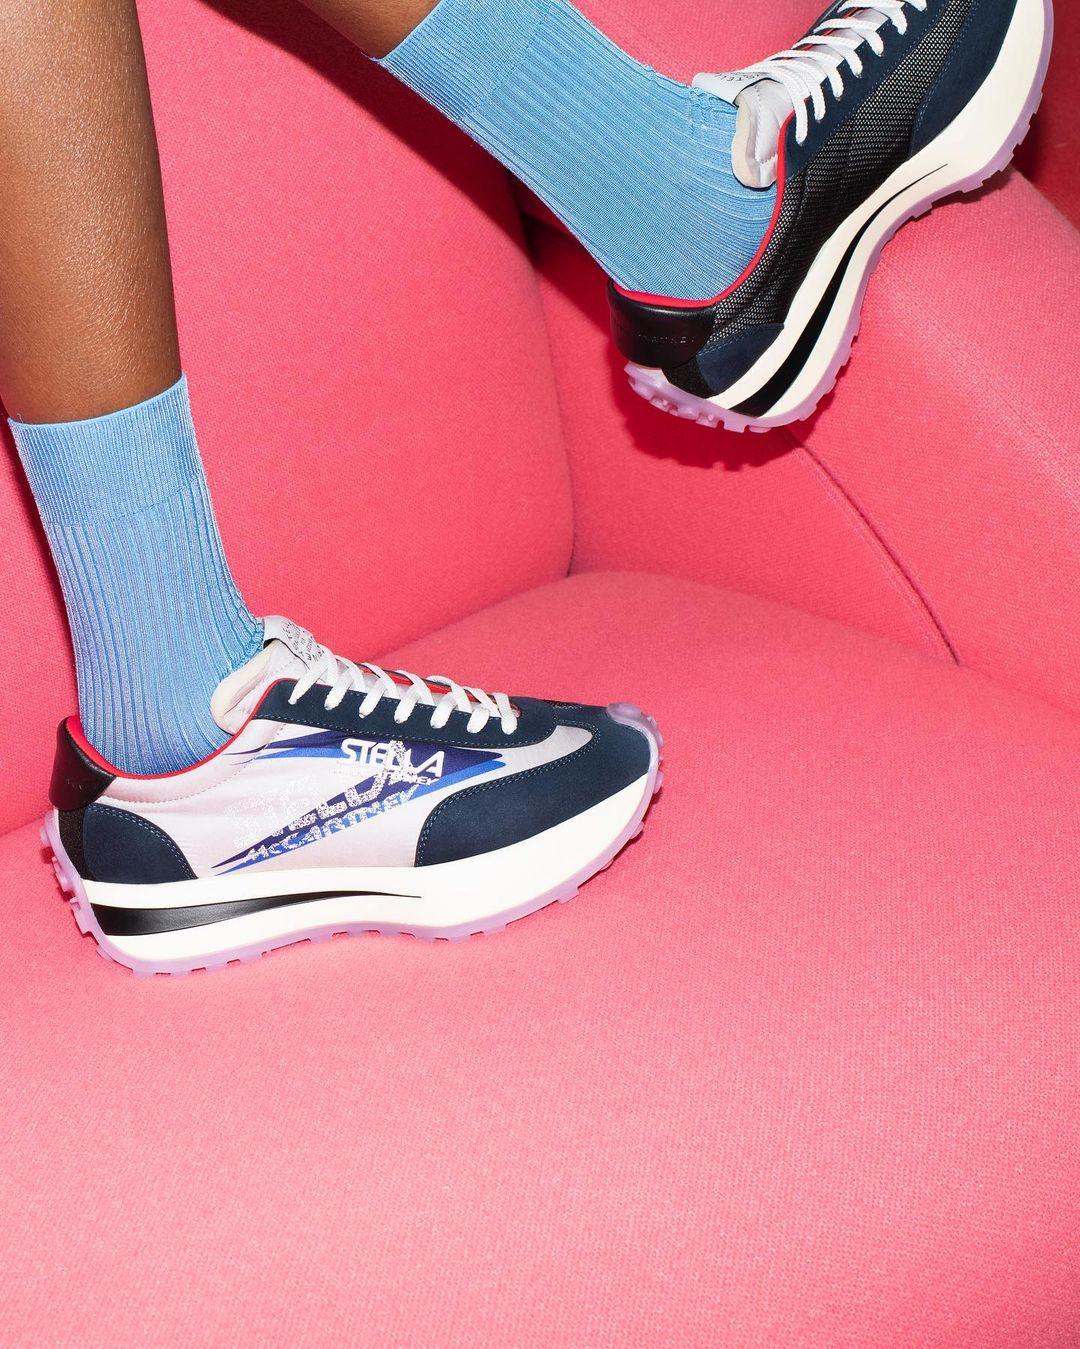 Стелла МакКартни презентовала новую линейку веганской спортивной обуви-Фото 3